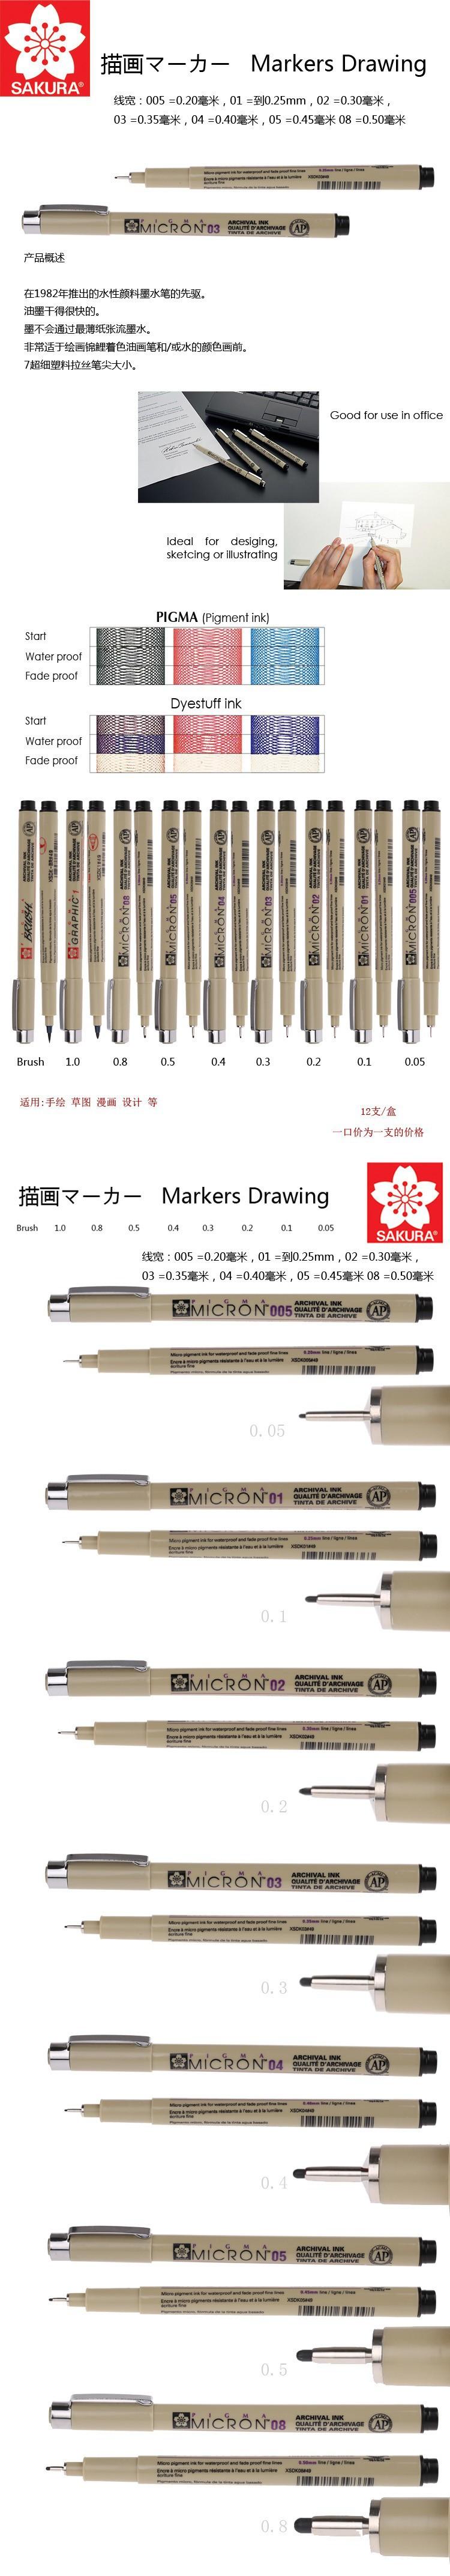 9PCS Black  fineliner Sakura Pigma Micron Drawing Pen  005 01 02 03 04 05 08 Brush Waterproof Line drawing pen Free Shipping